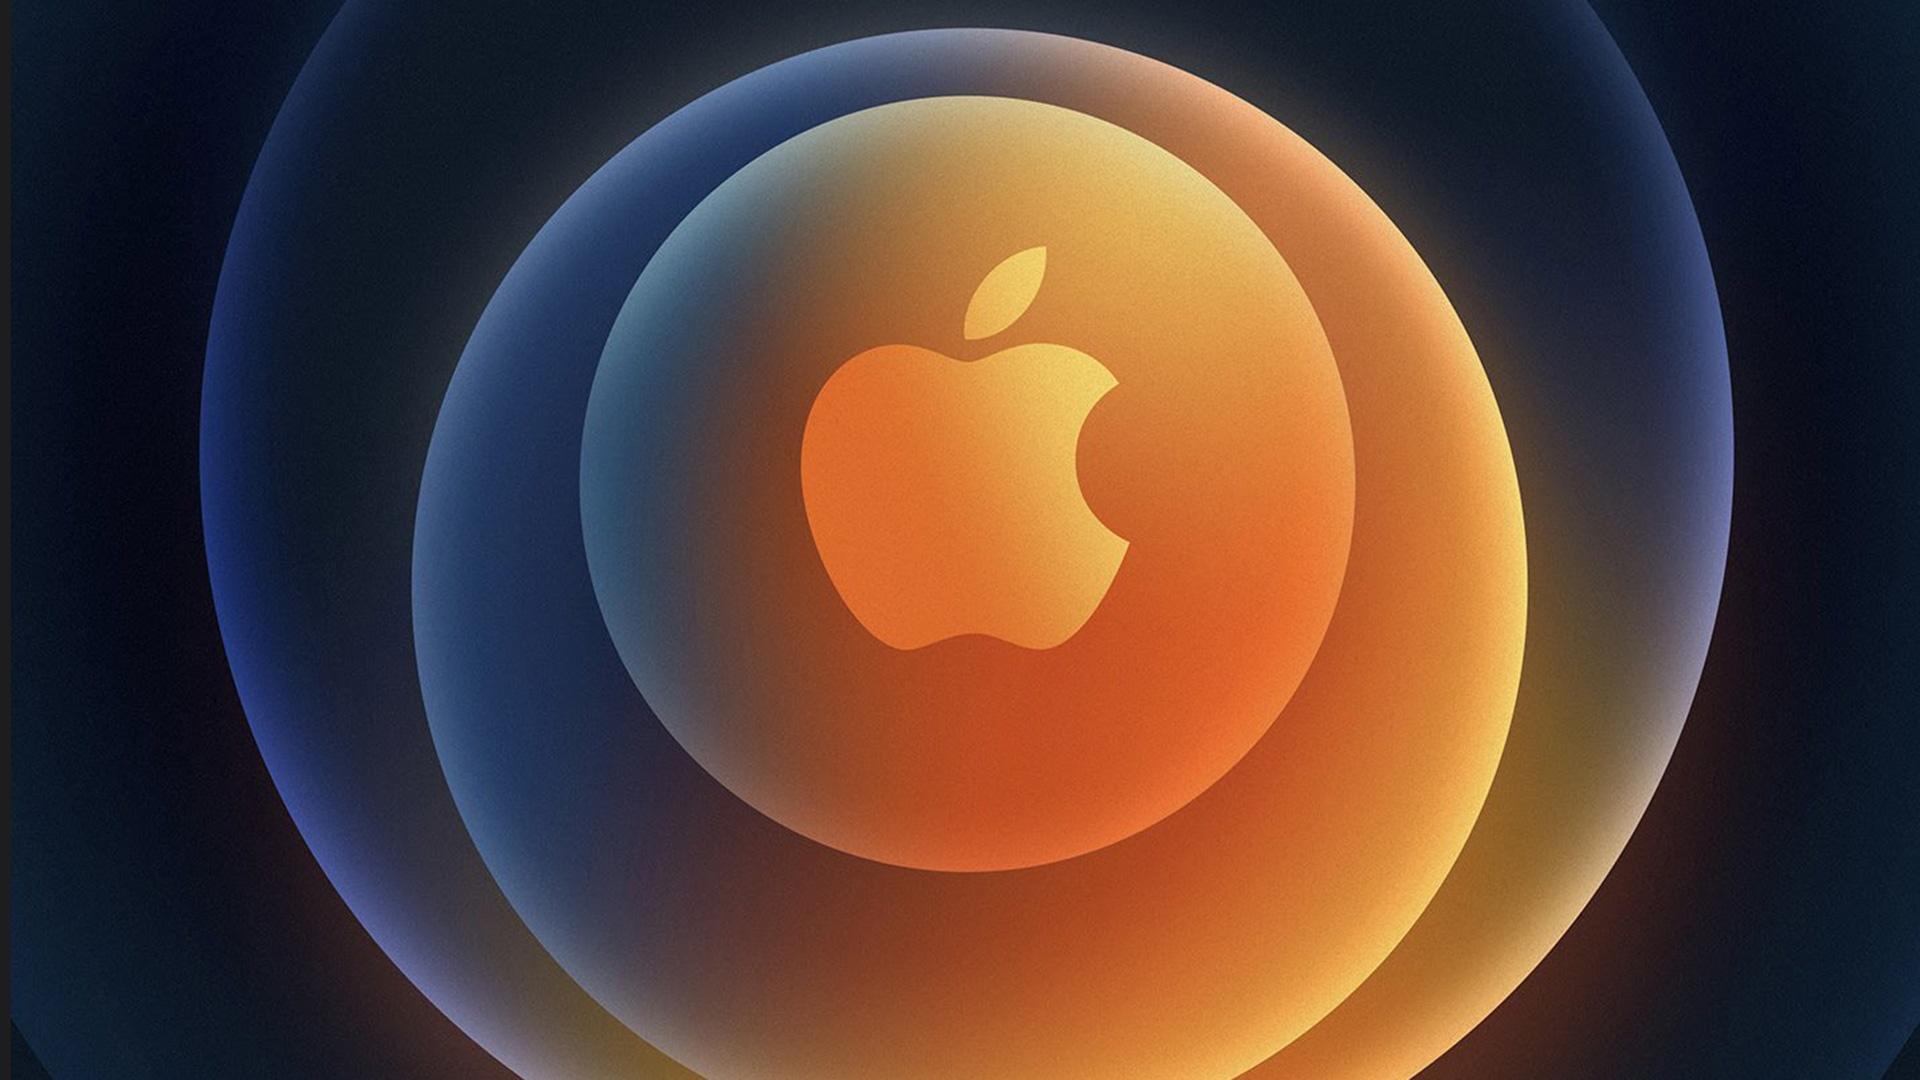 Apple Event October 2020 desktop background